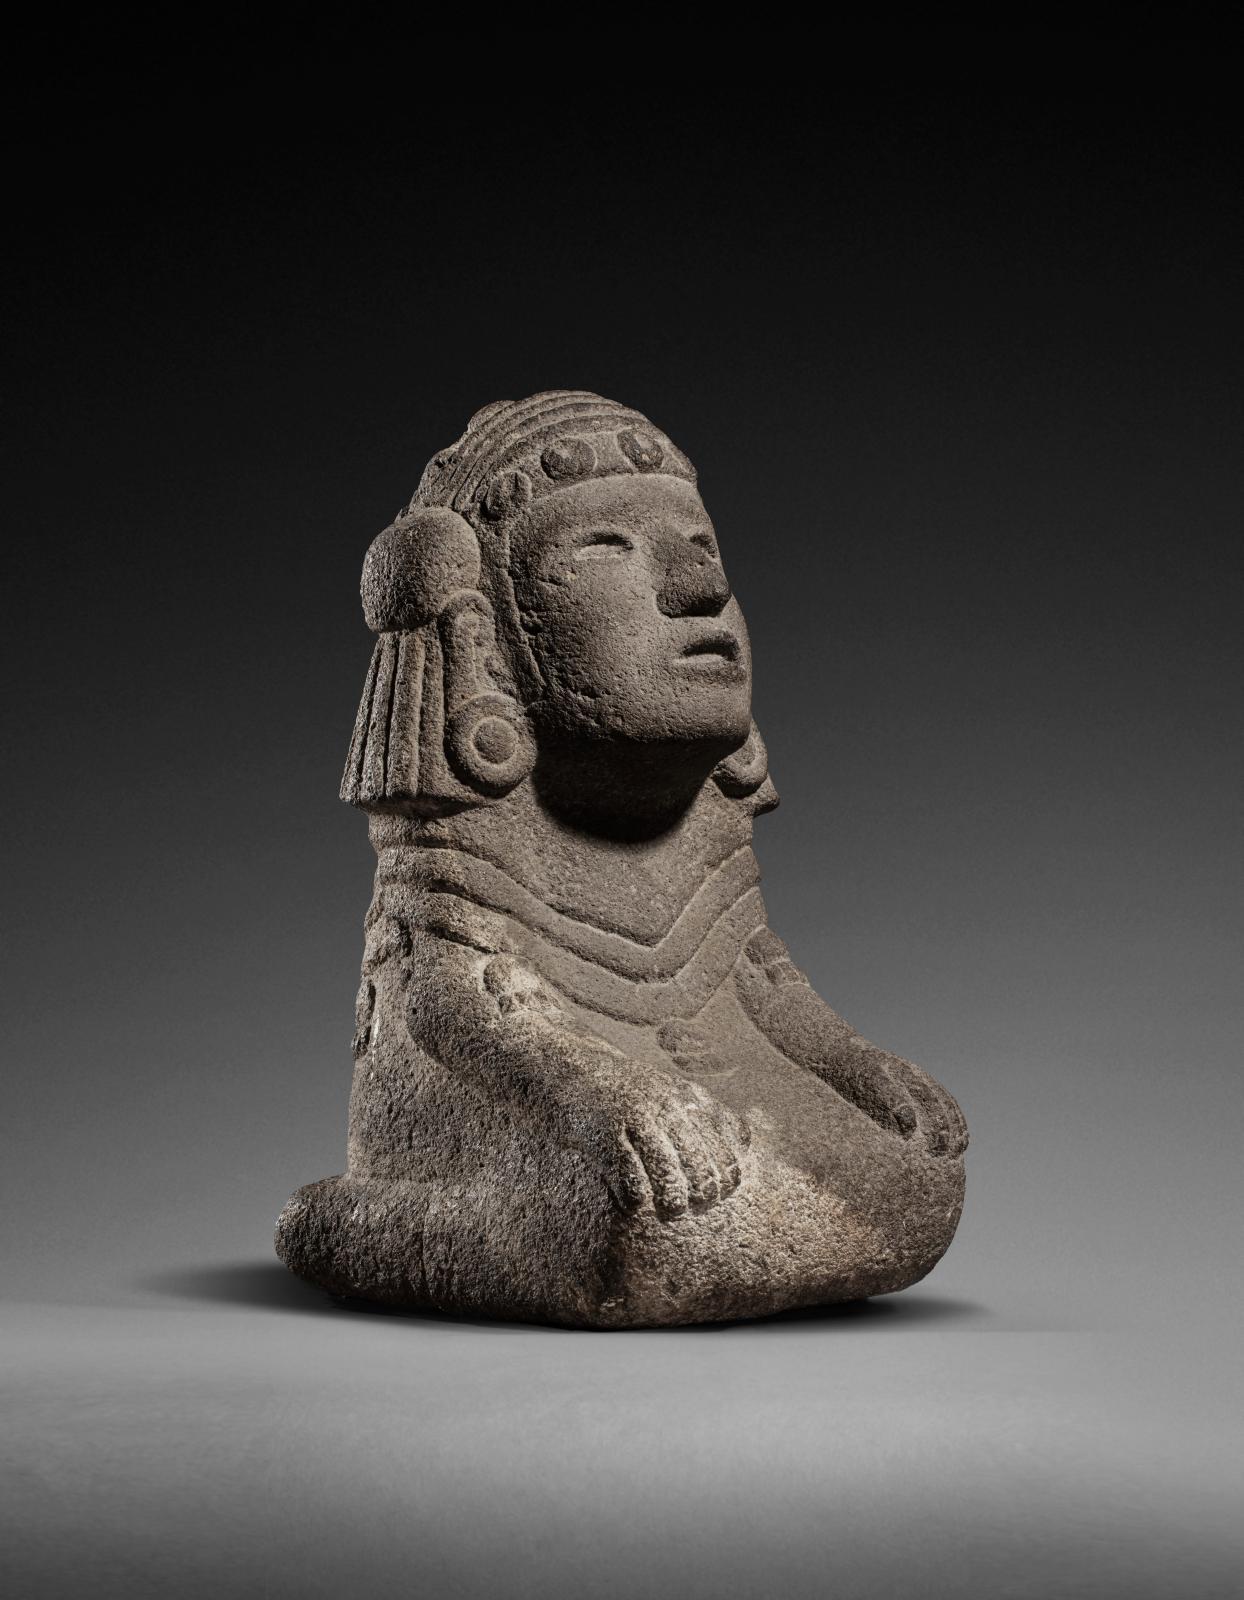 Mexique, culture aztèque, époque impériale (1350-1520), Chalchiuhtlicue, déesse de l'eau,pierre volcanique sculptée et polie, traces de po